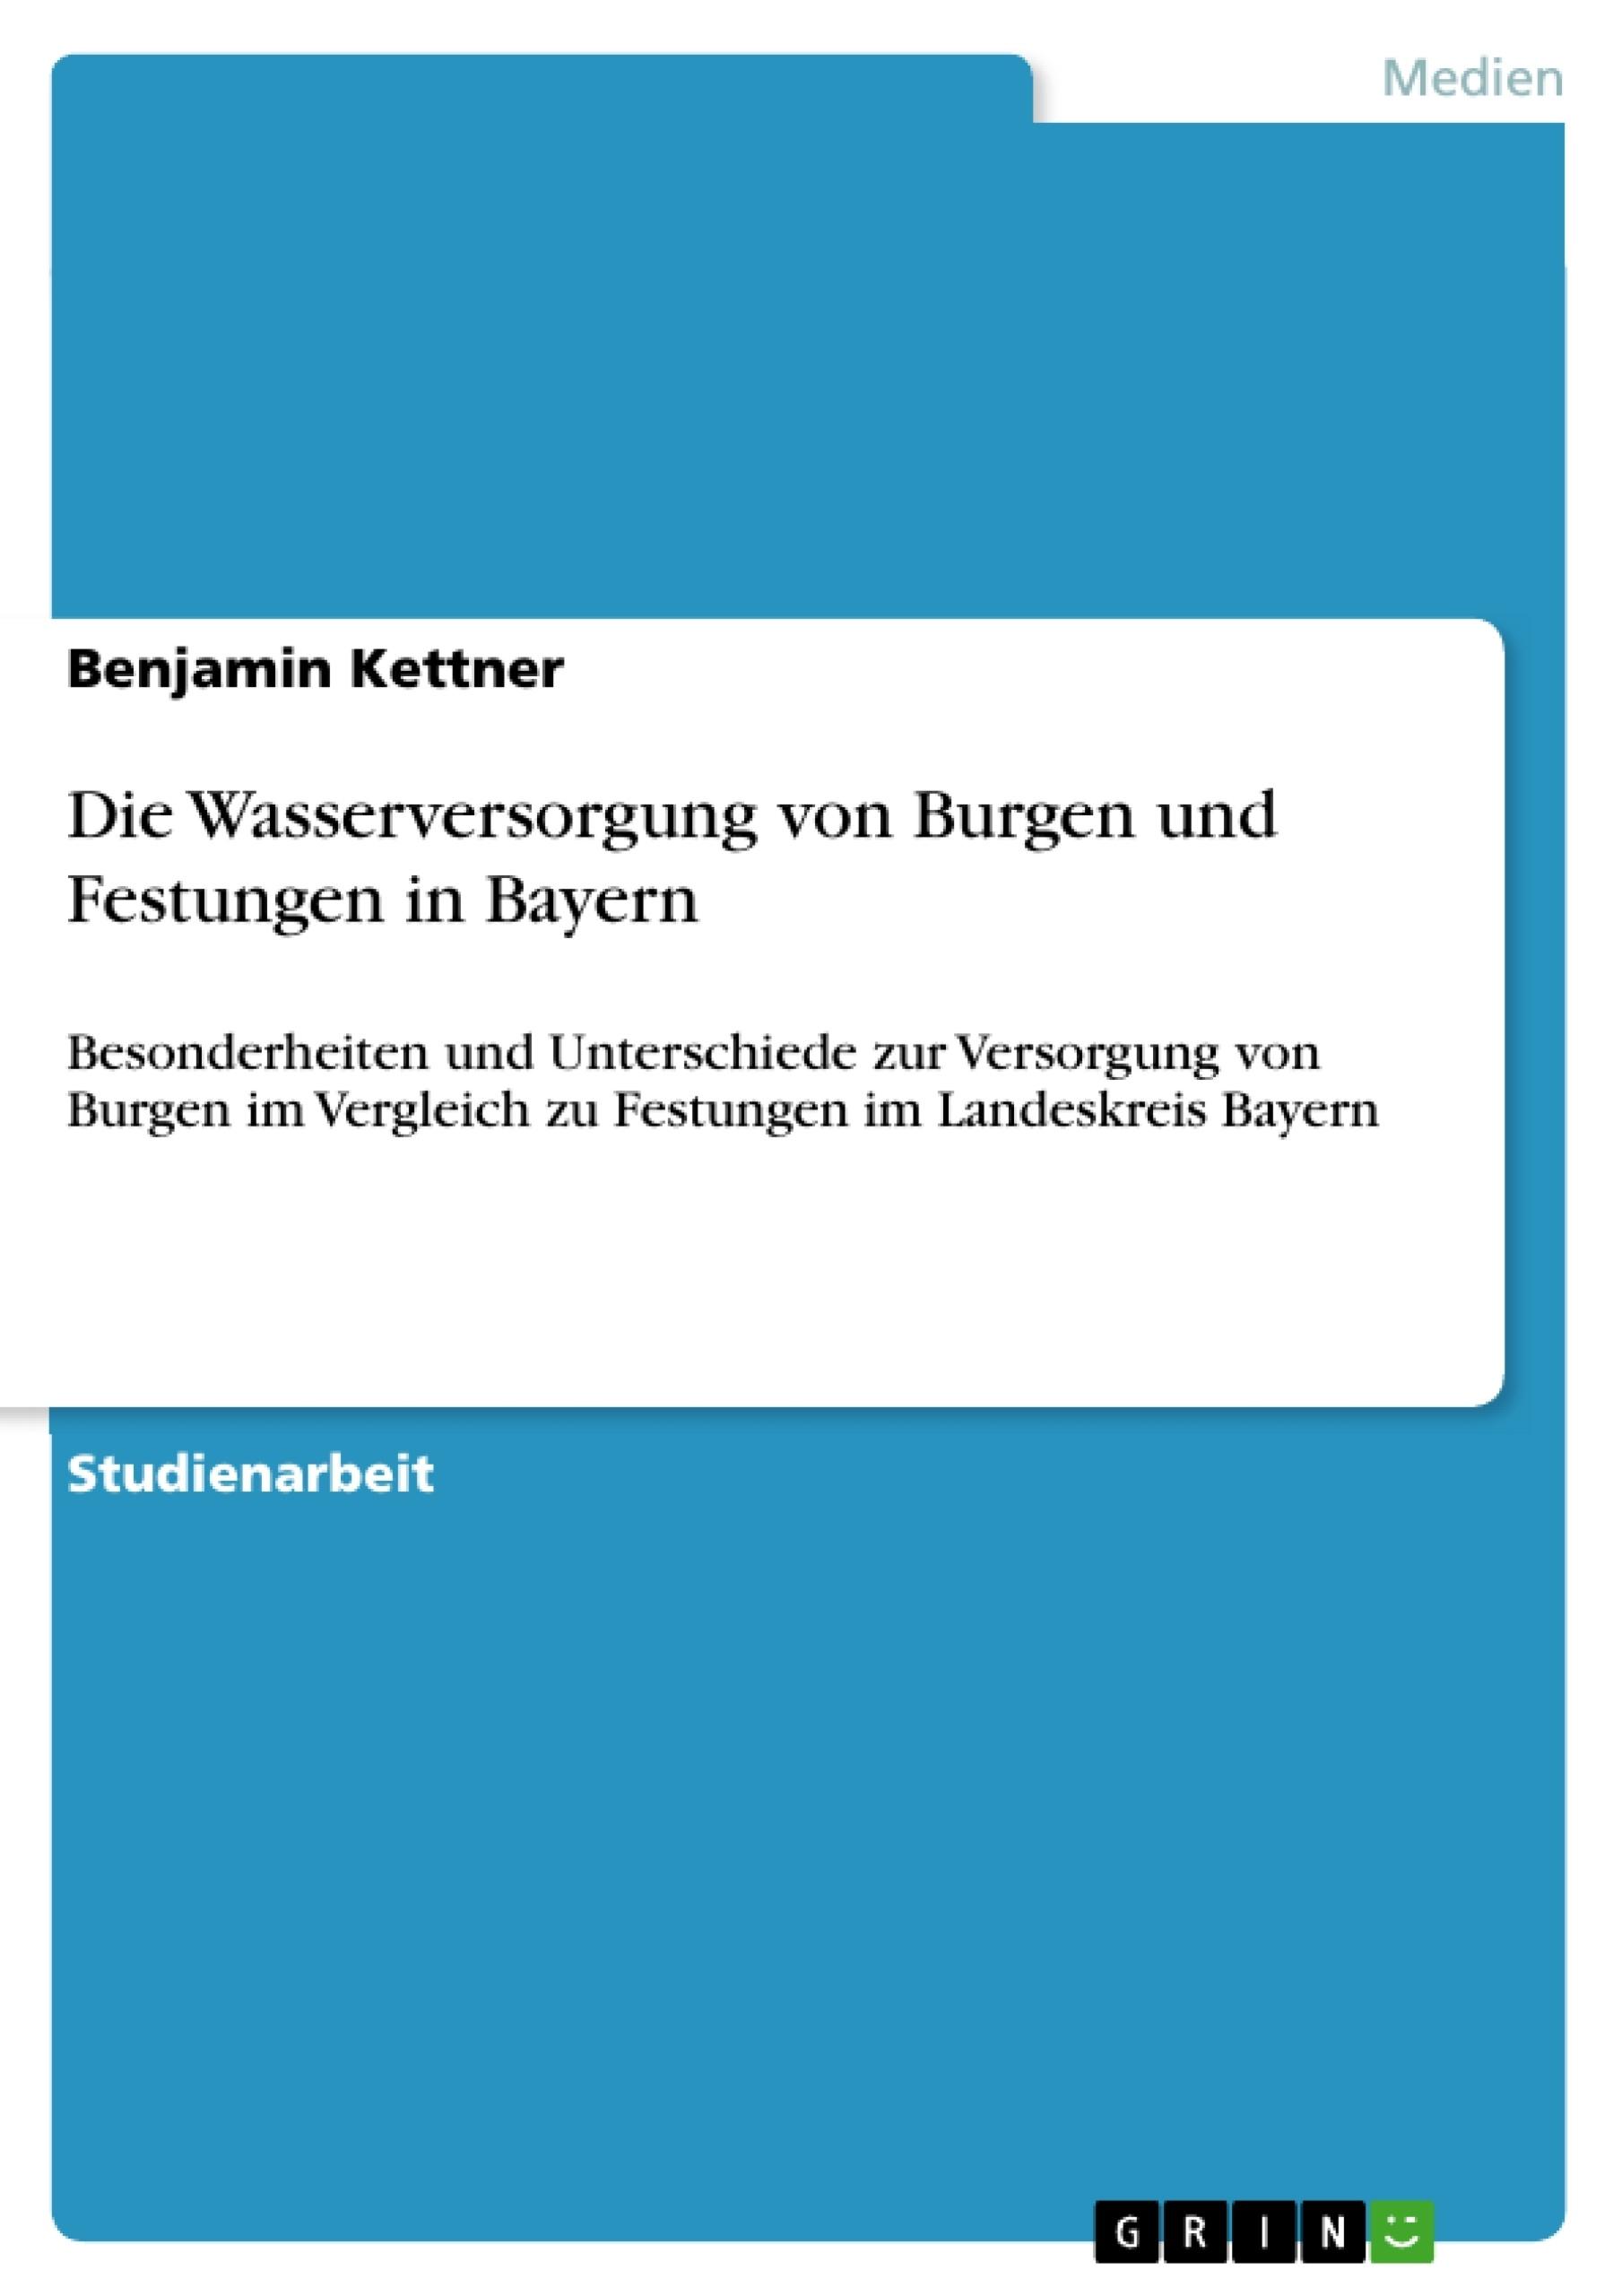 Titel: Die Wasserversorgung von Burgen und Festungen in Bayern